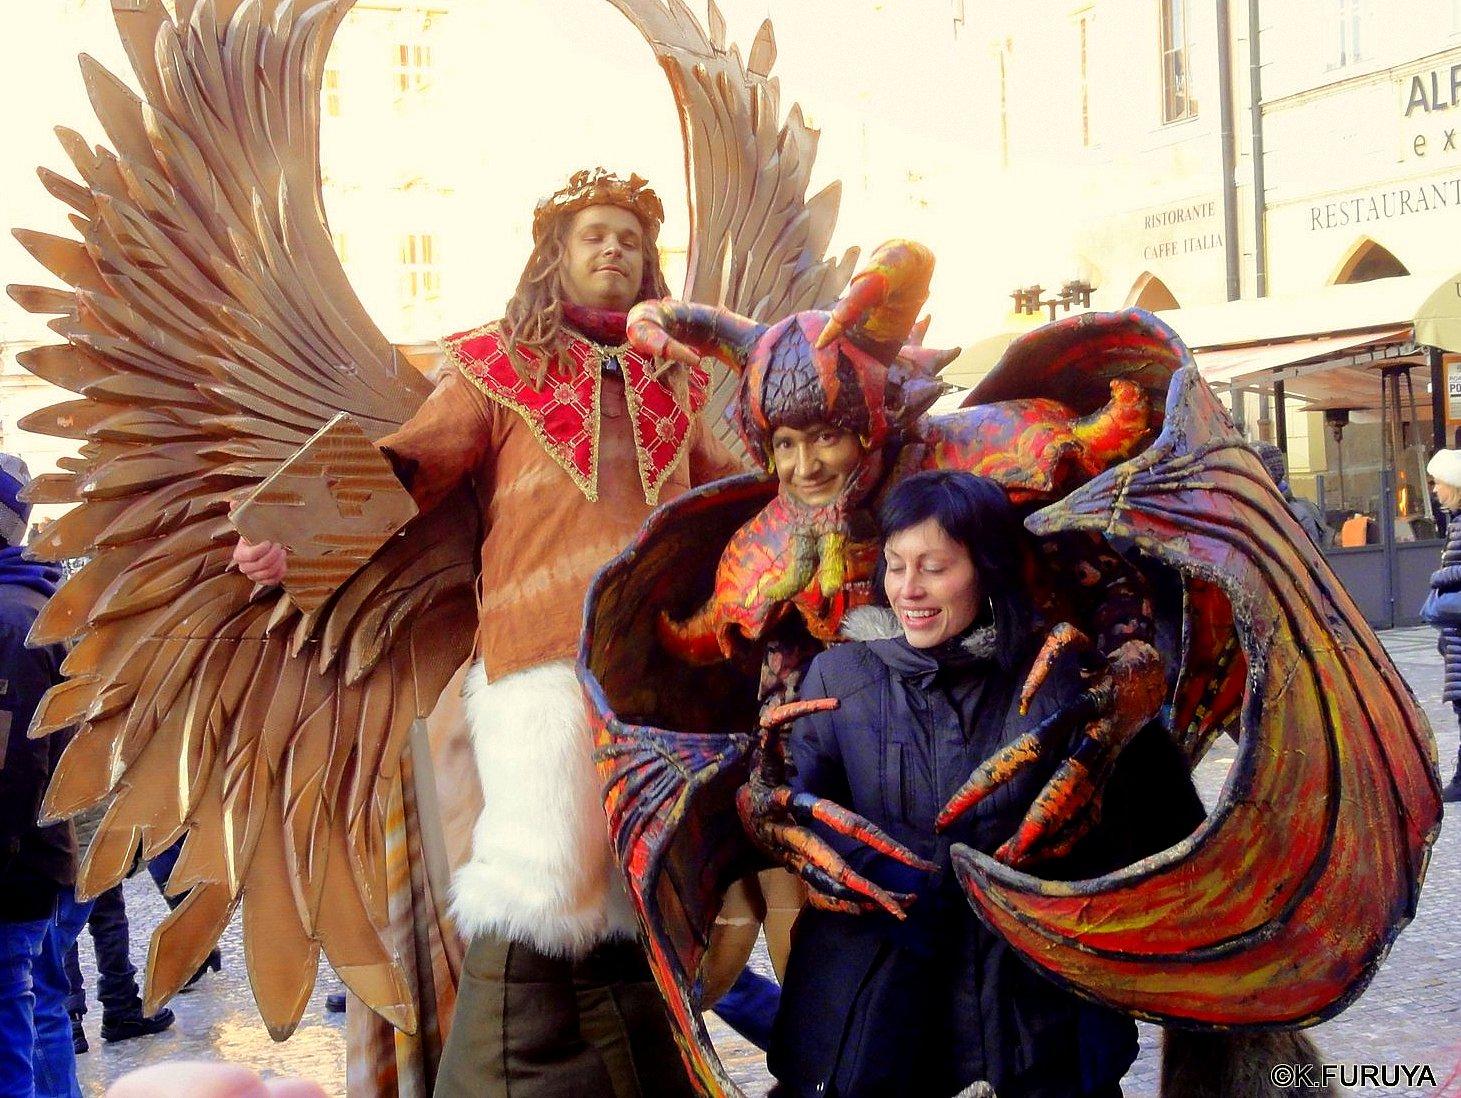 プラハ 10 旧市街広場のパフォーマー_a0092659_21315719.jpg